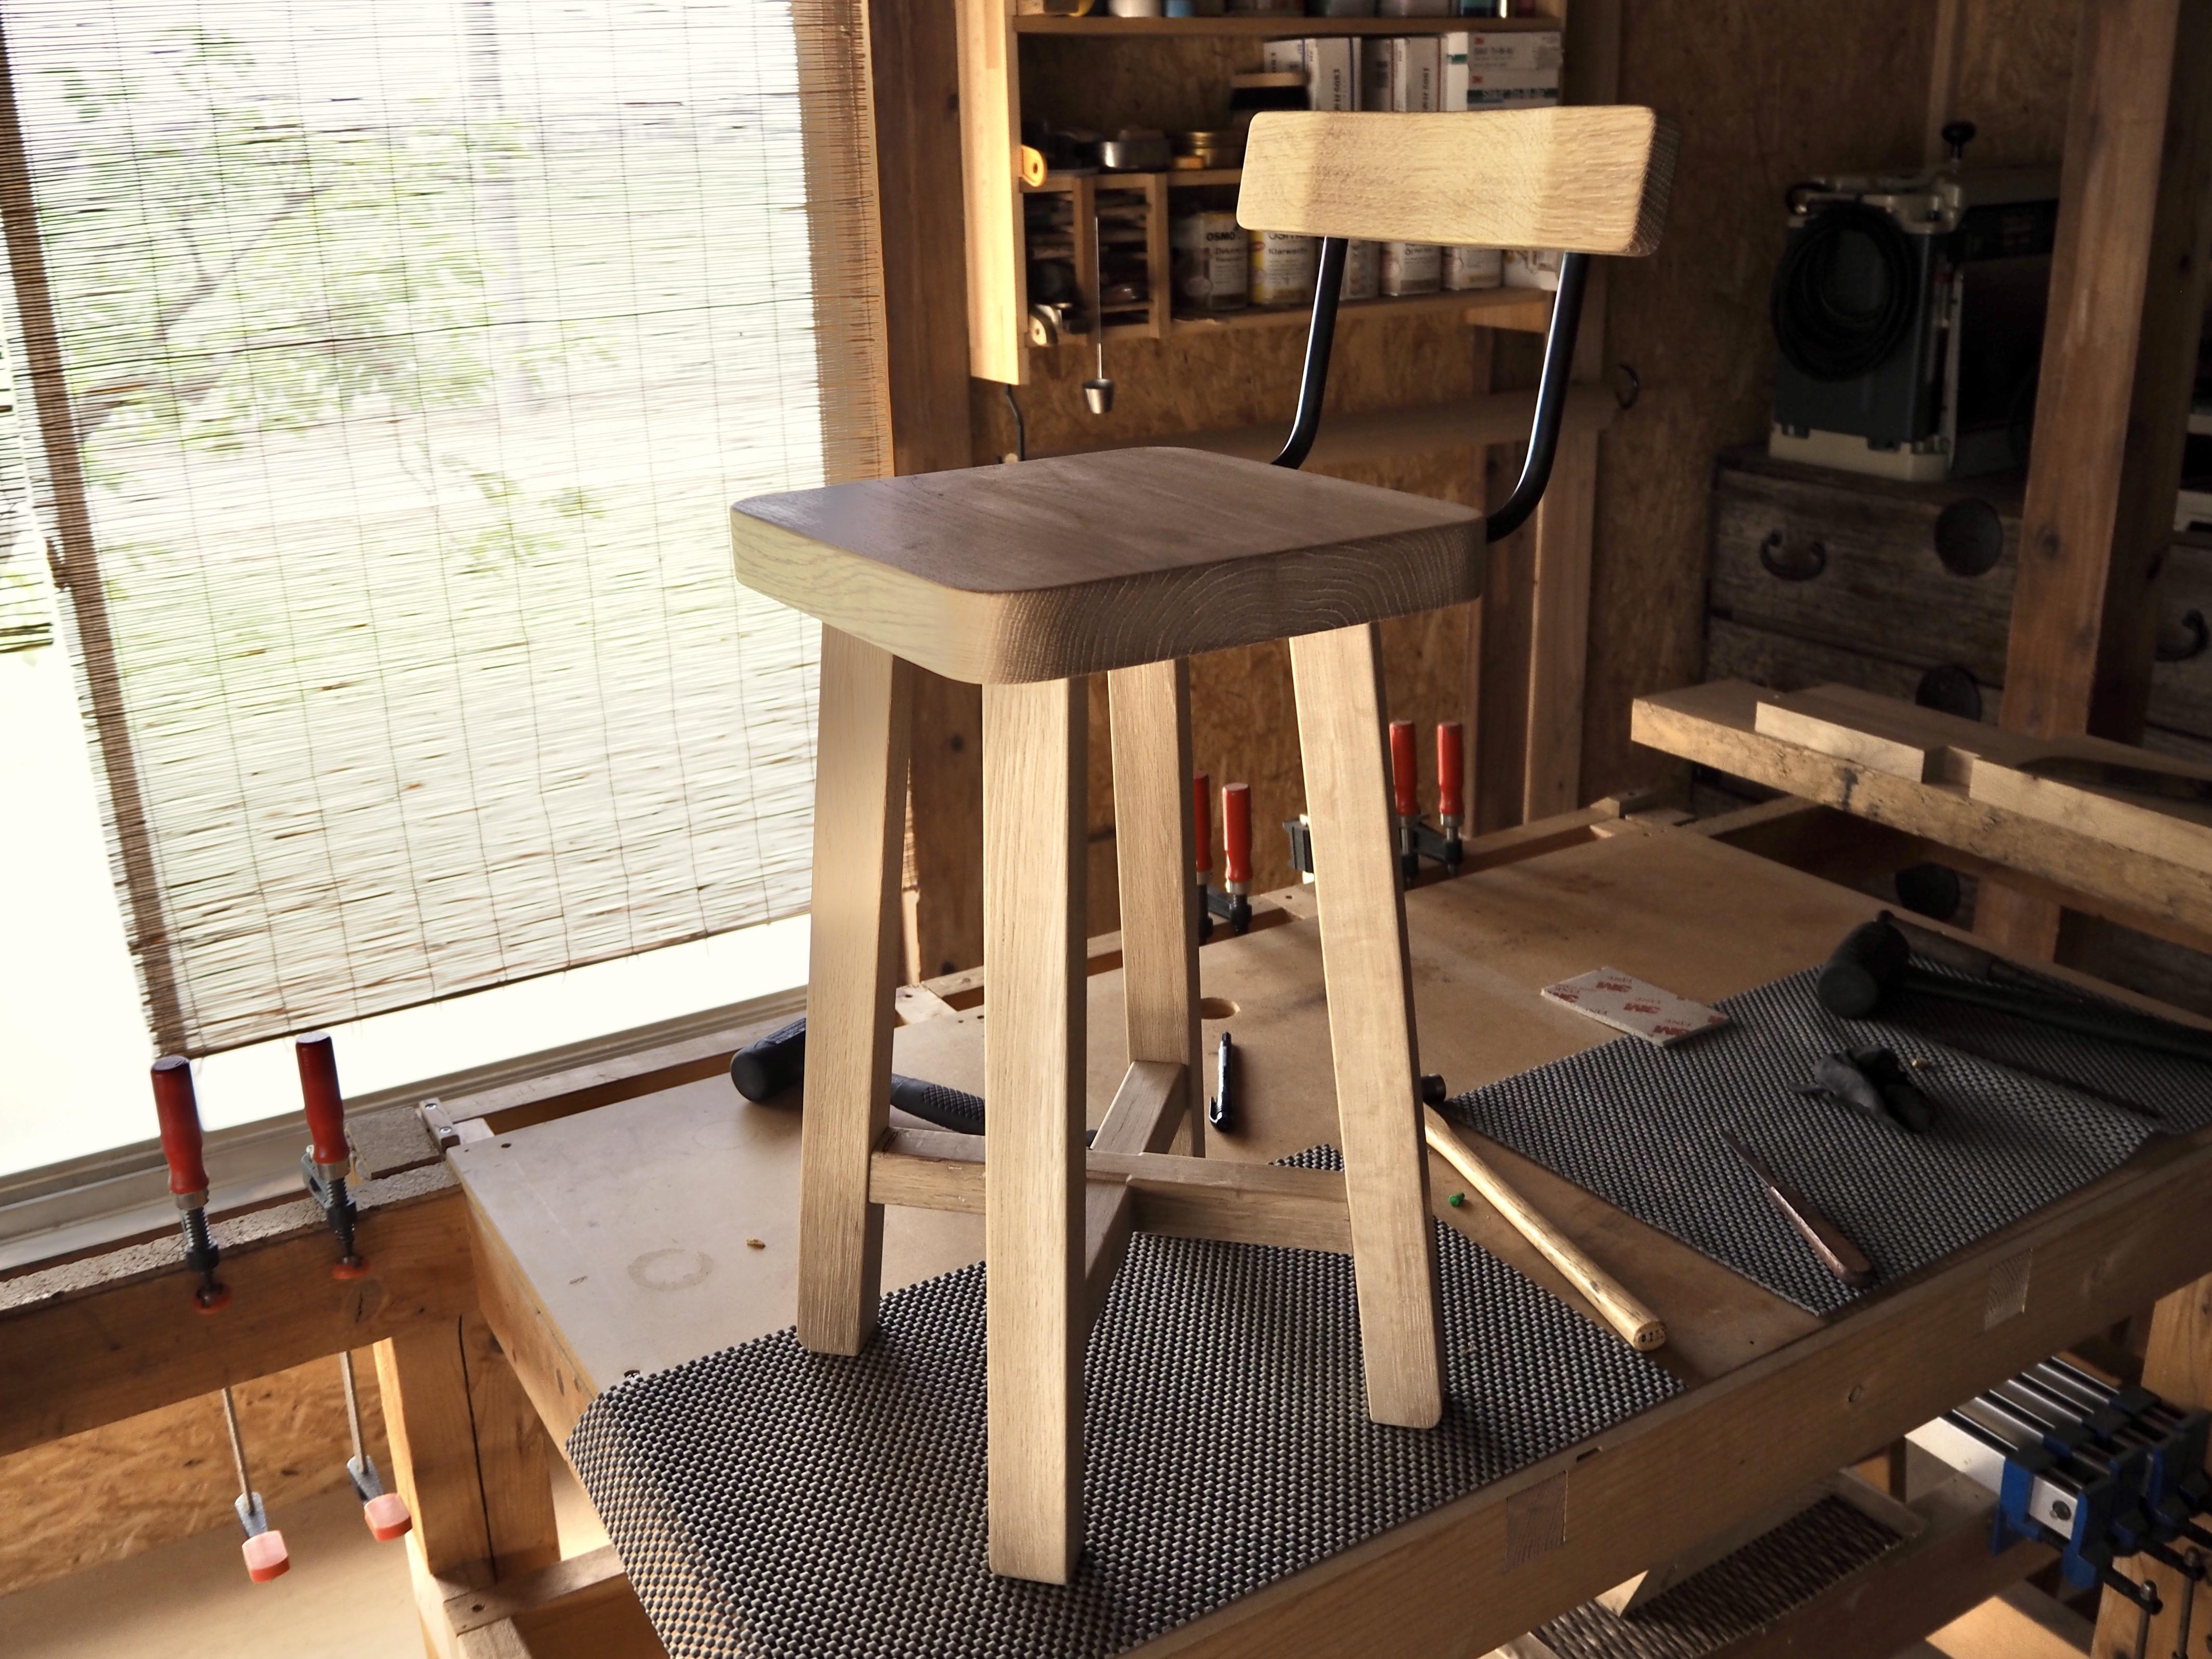 Artisan's stool